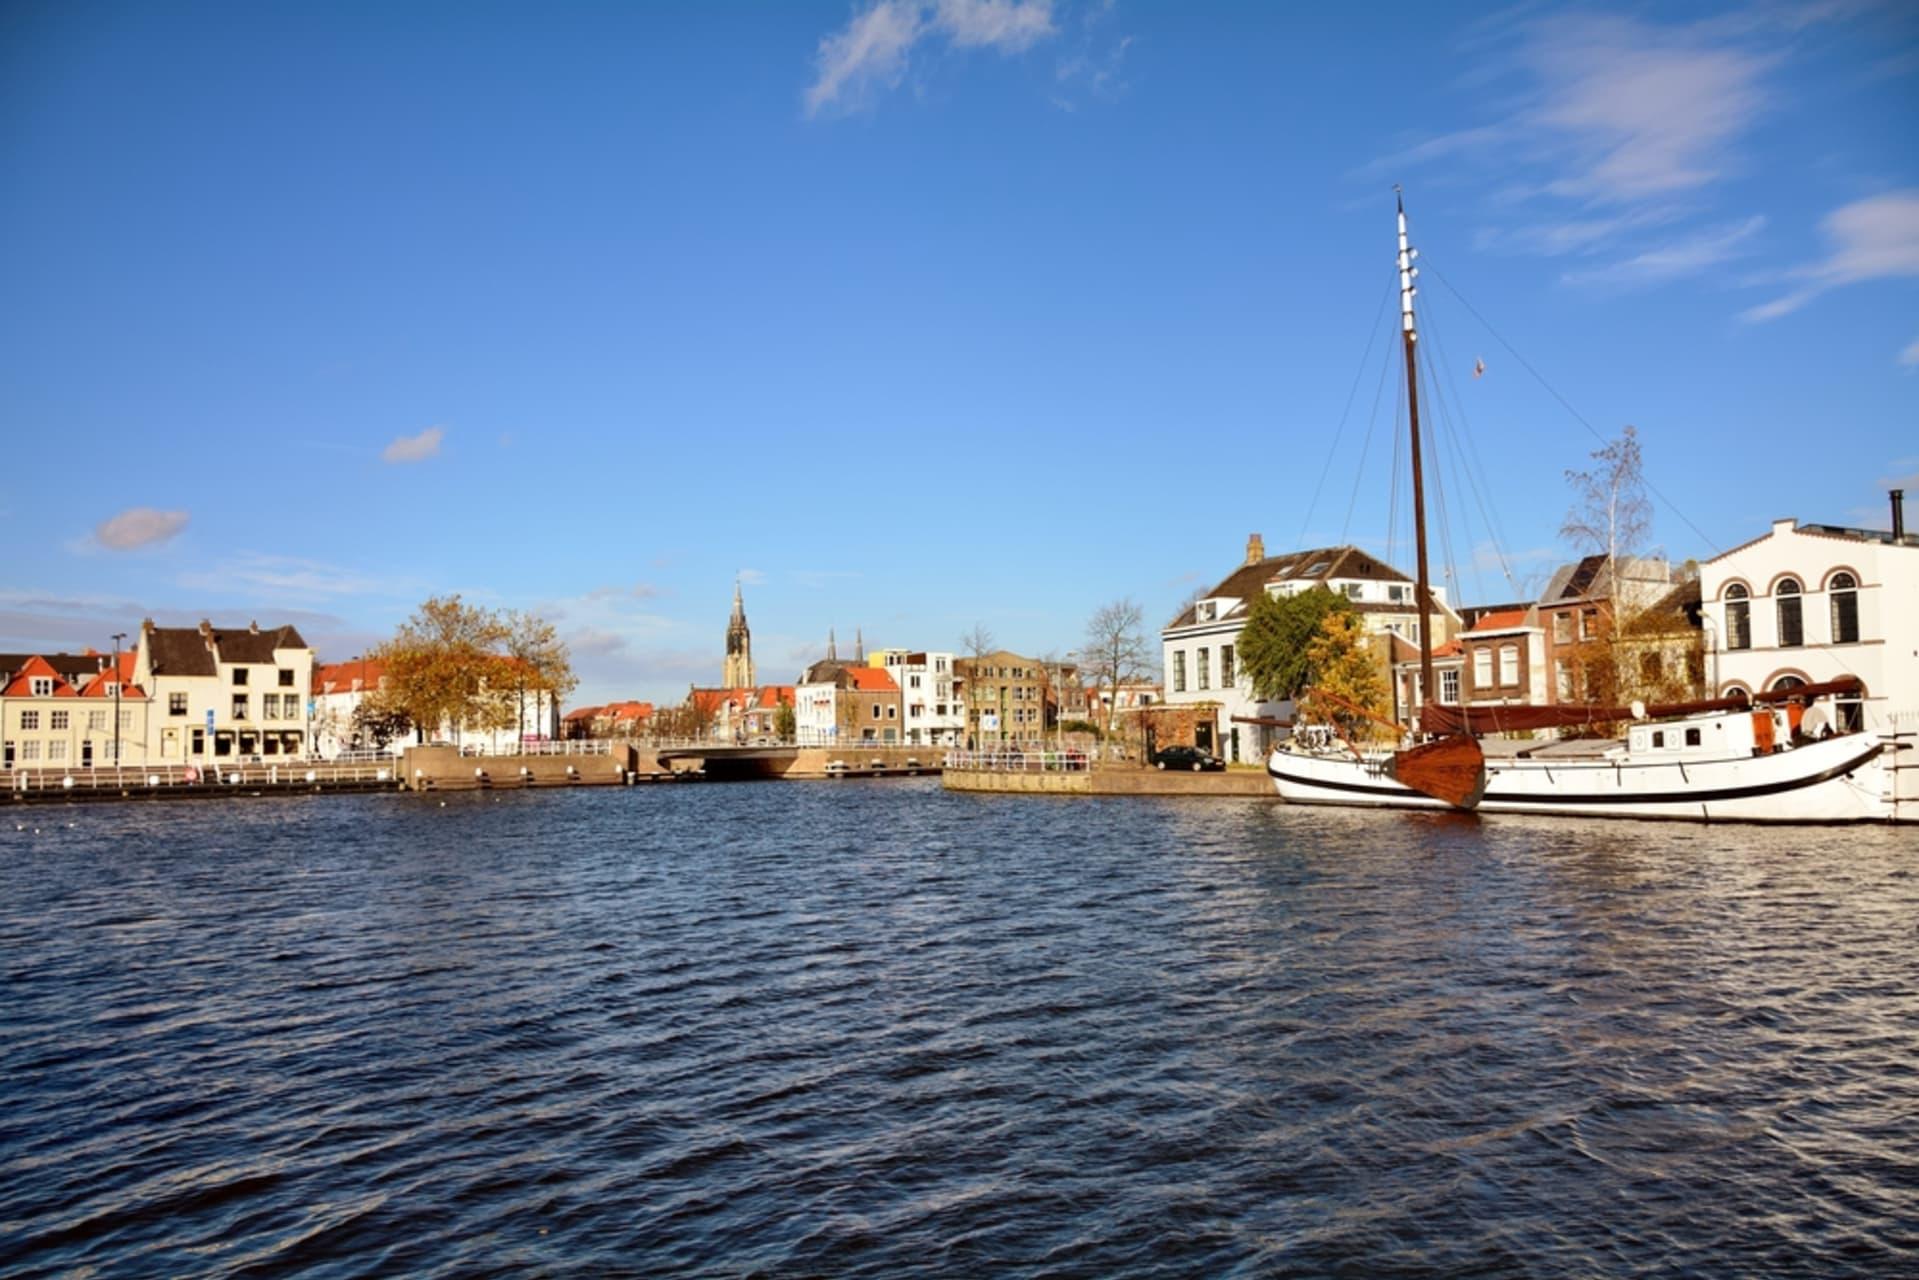 Delft - All Vermeers